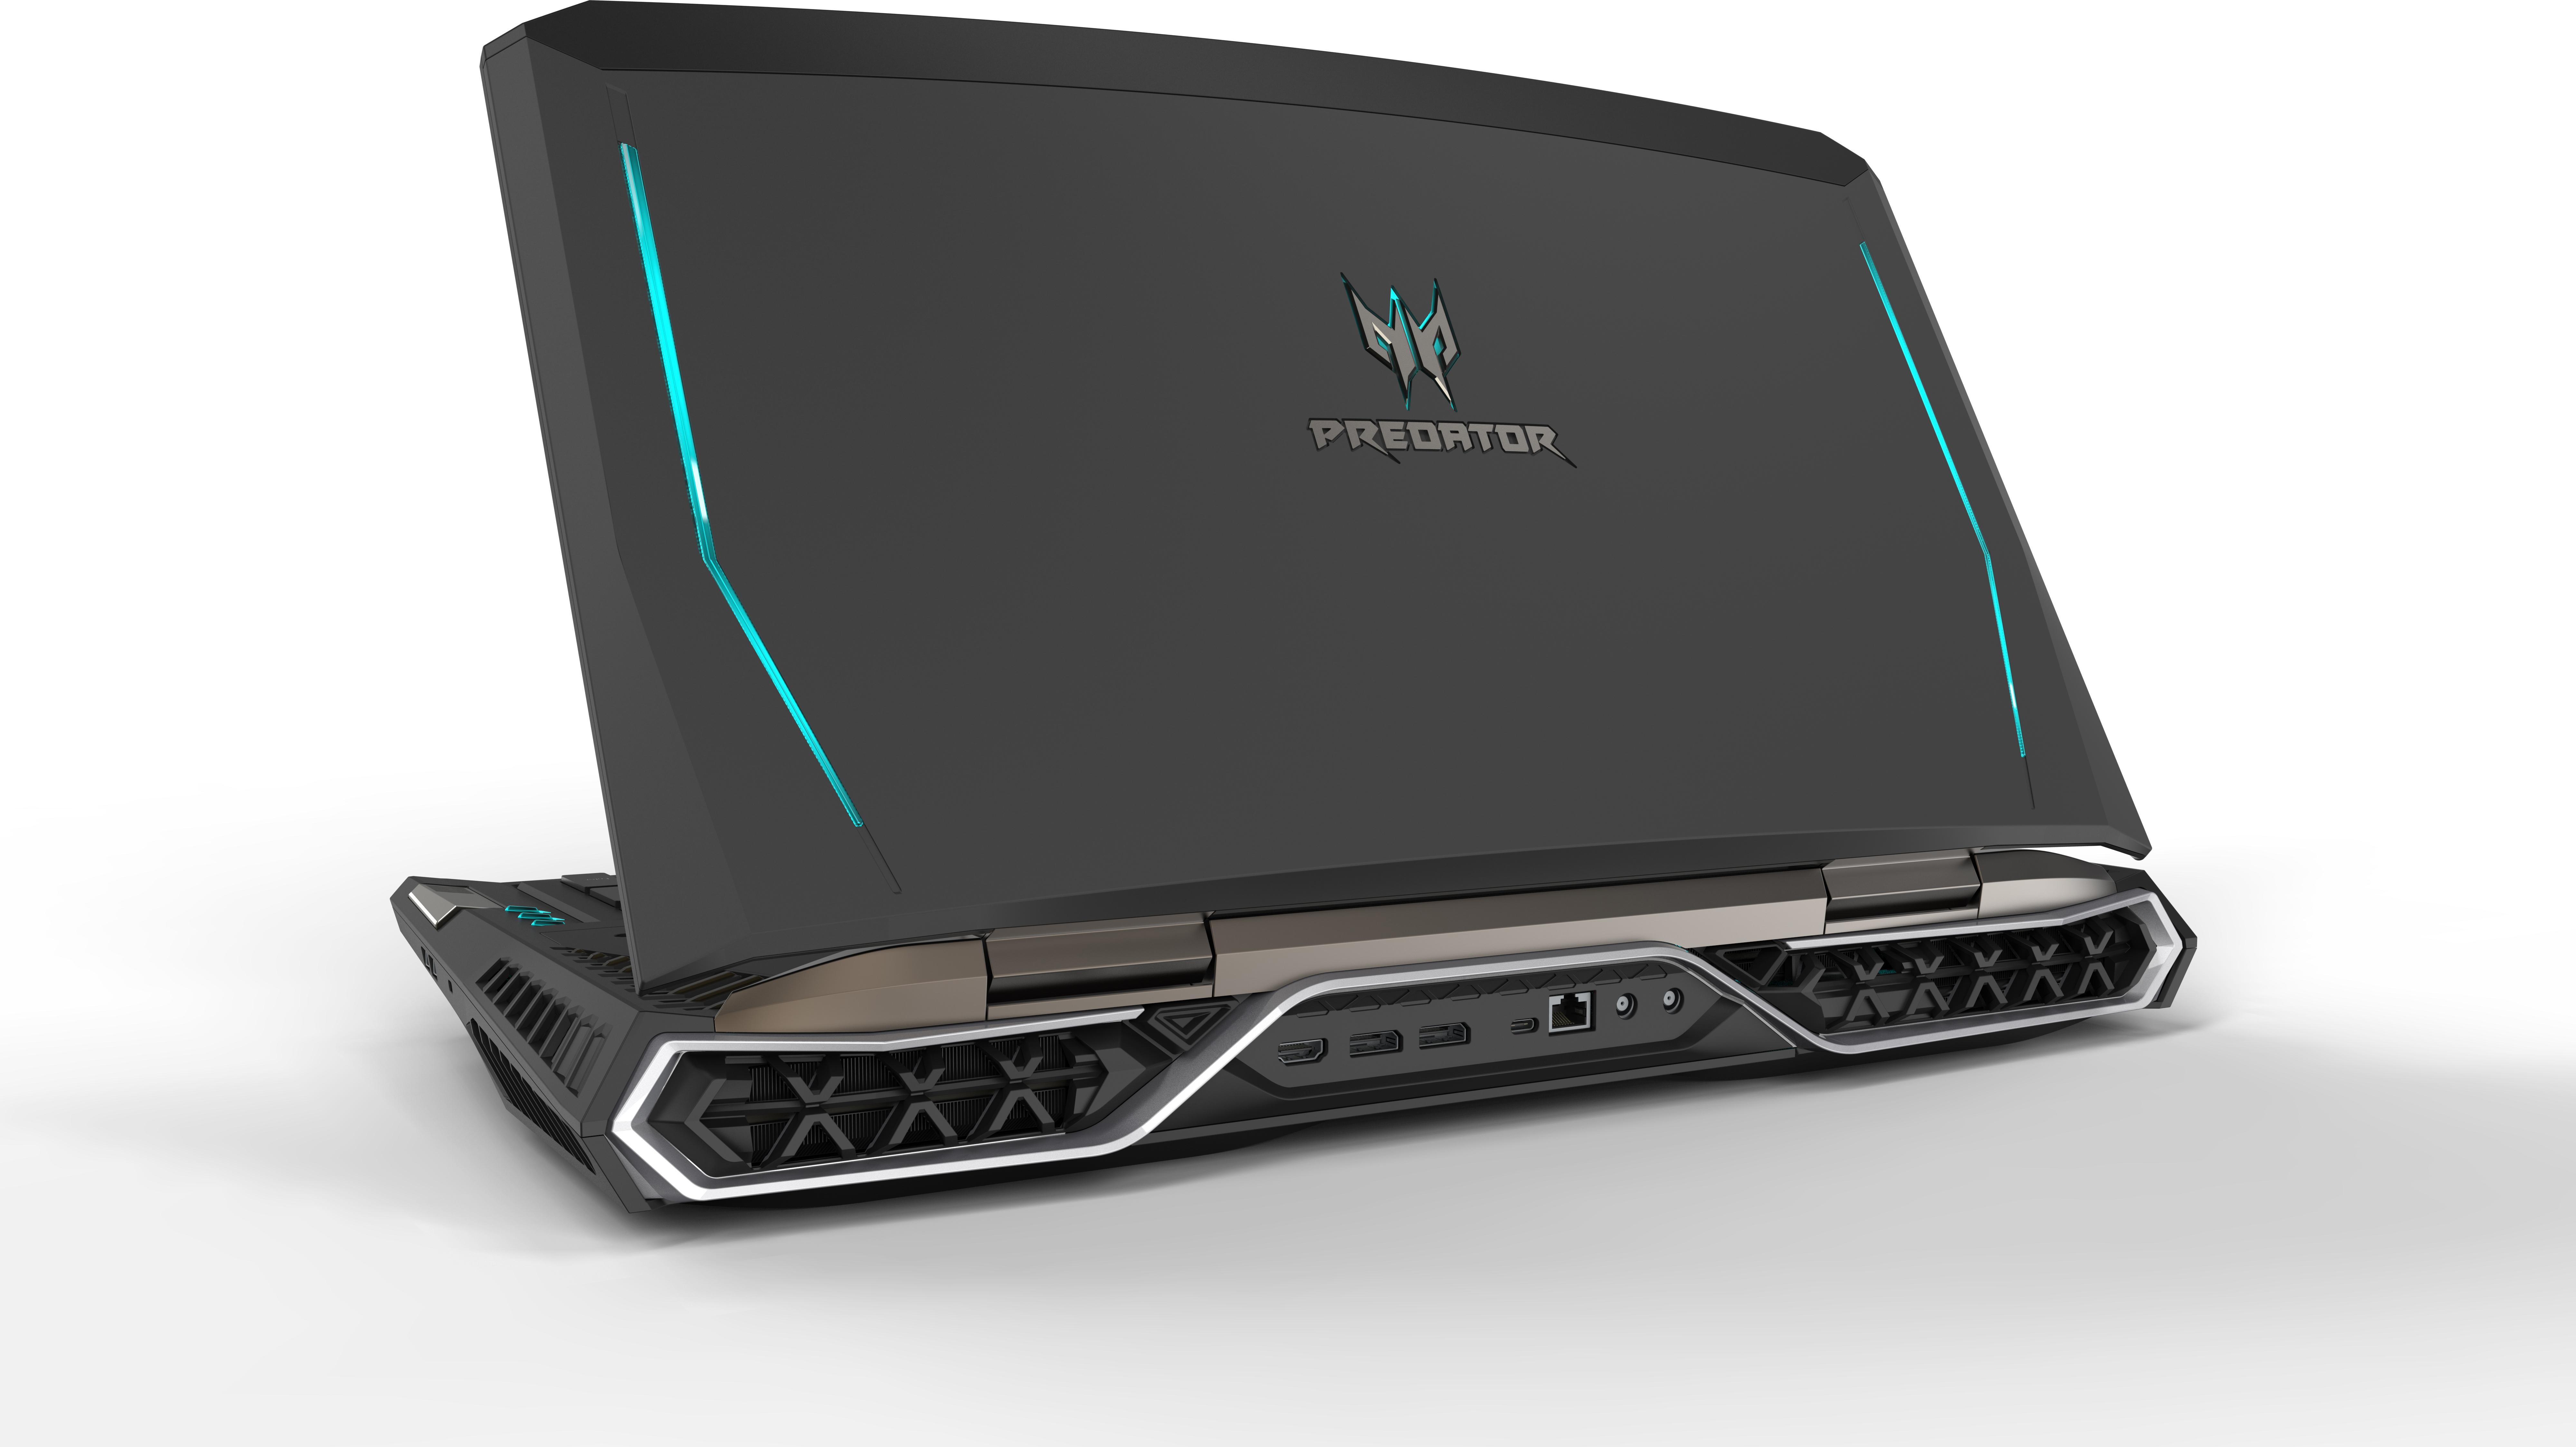 acer predator 21 x le premier ordinateur portable pour les gamers avec cran incurv fiche. Black Bedroom Furniture Sets. Home Design Ideas